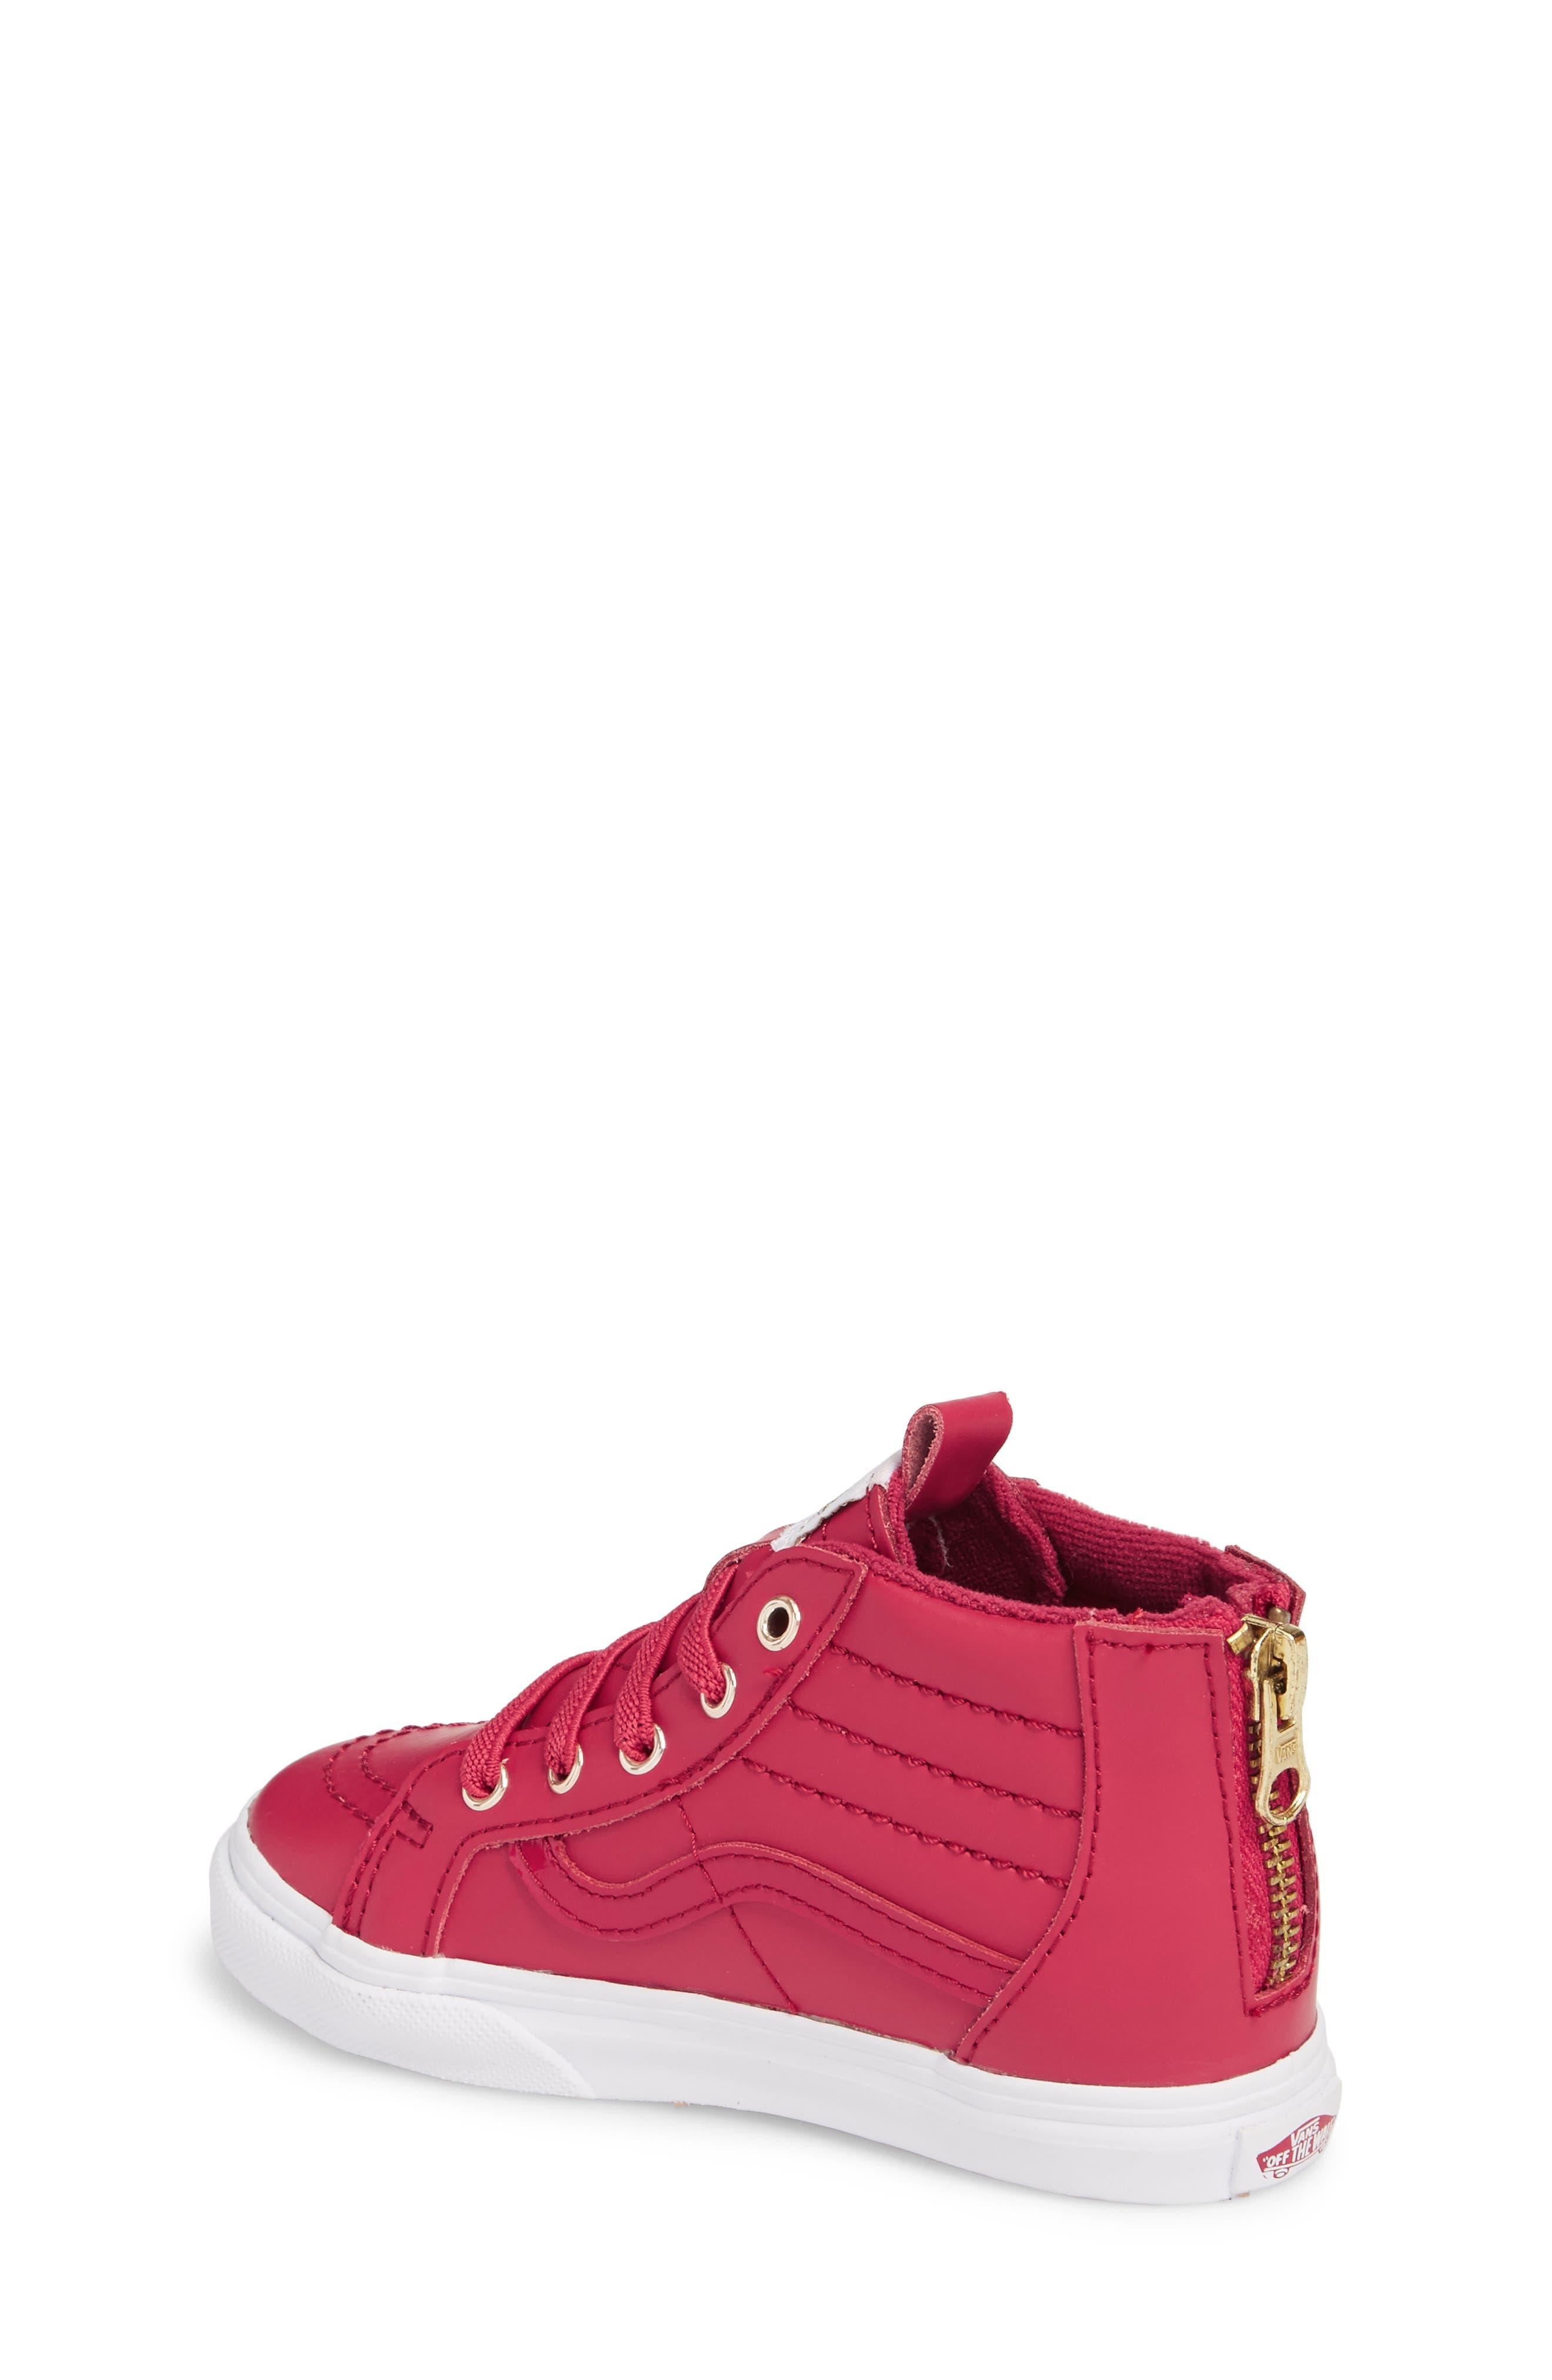 SK8-Hi Zip Sneaker,                             Alternate thumbnail 2, color,                             610